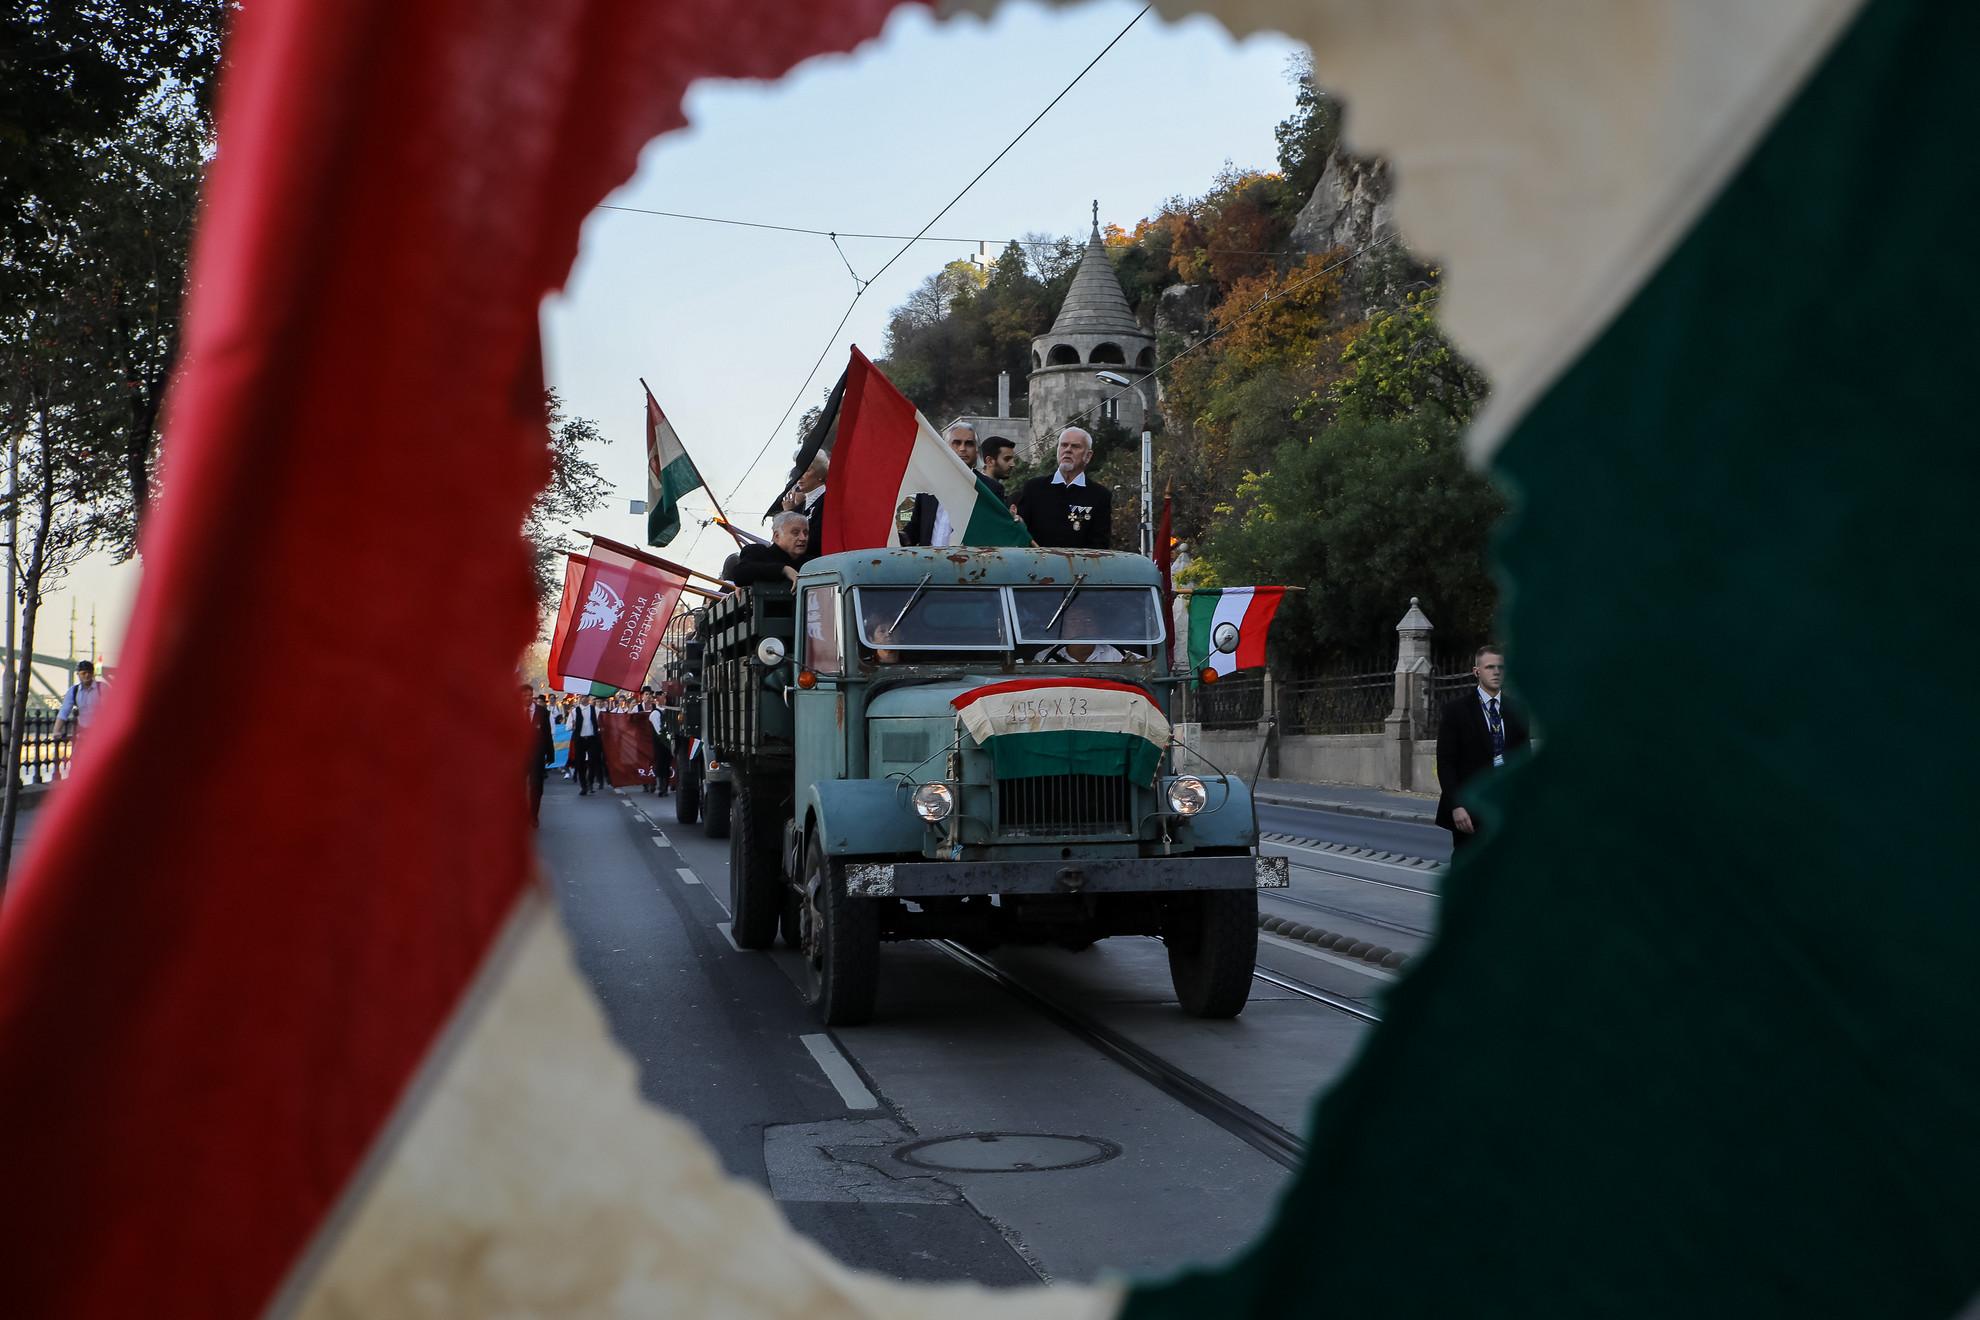 A menettel a forradalom egyik meghatározó eseményeként számon tartott október 22-ei műegyetemi diákgyűlésre emlékeztek. Ezen a hallgatók pontokba szedve fogalmazták meg követeléseiket, és arról is döntöttek, hogy a lengyel nép melletti szolidaritás jegyében másnap, vagyis október 23-án a Bem térre vonulnak. A mostani, több ezer ember, többségében fiatalok részvételével megtartott felvonulást négy korabeli Csepel teherautó vezette fel, a platókról pedig korhű ruhába öltözött fiatalok integettek. A menet résztvevői közül többen nemzeti színű, lyukas, valamint székely zászlókat lengettek.